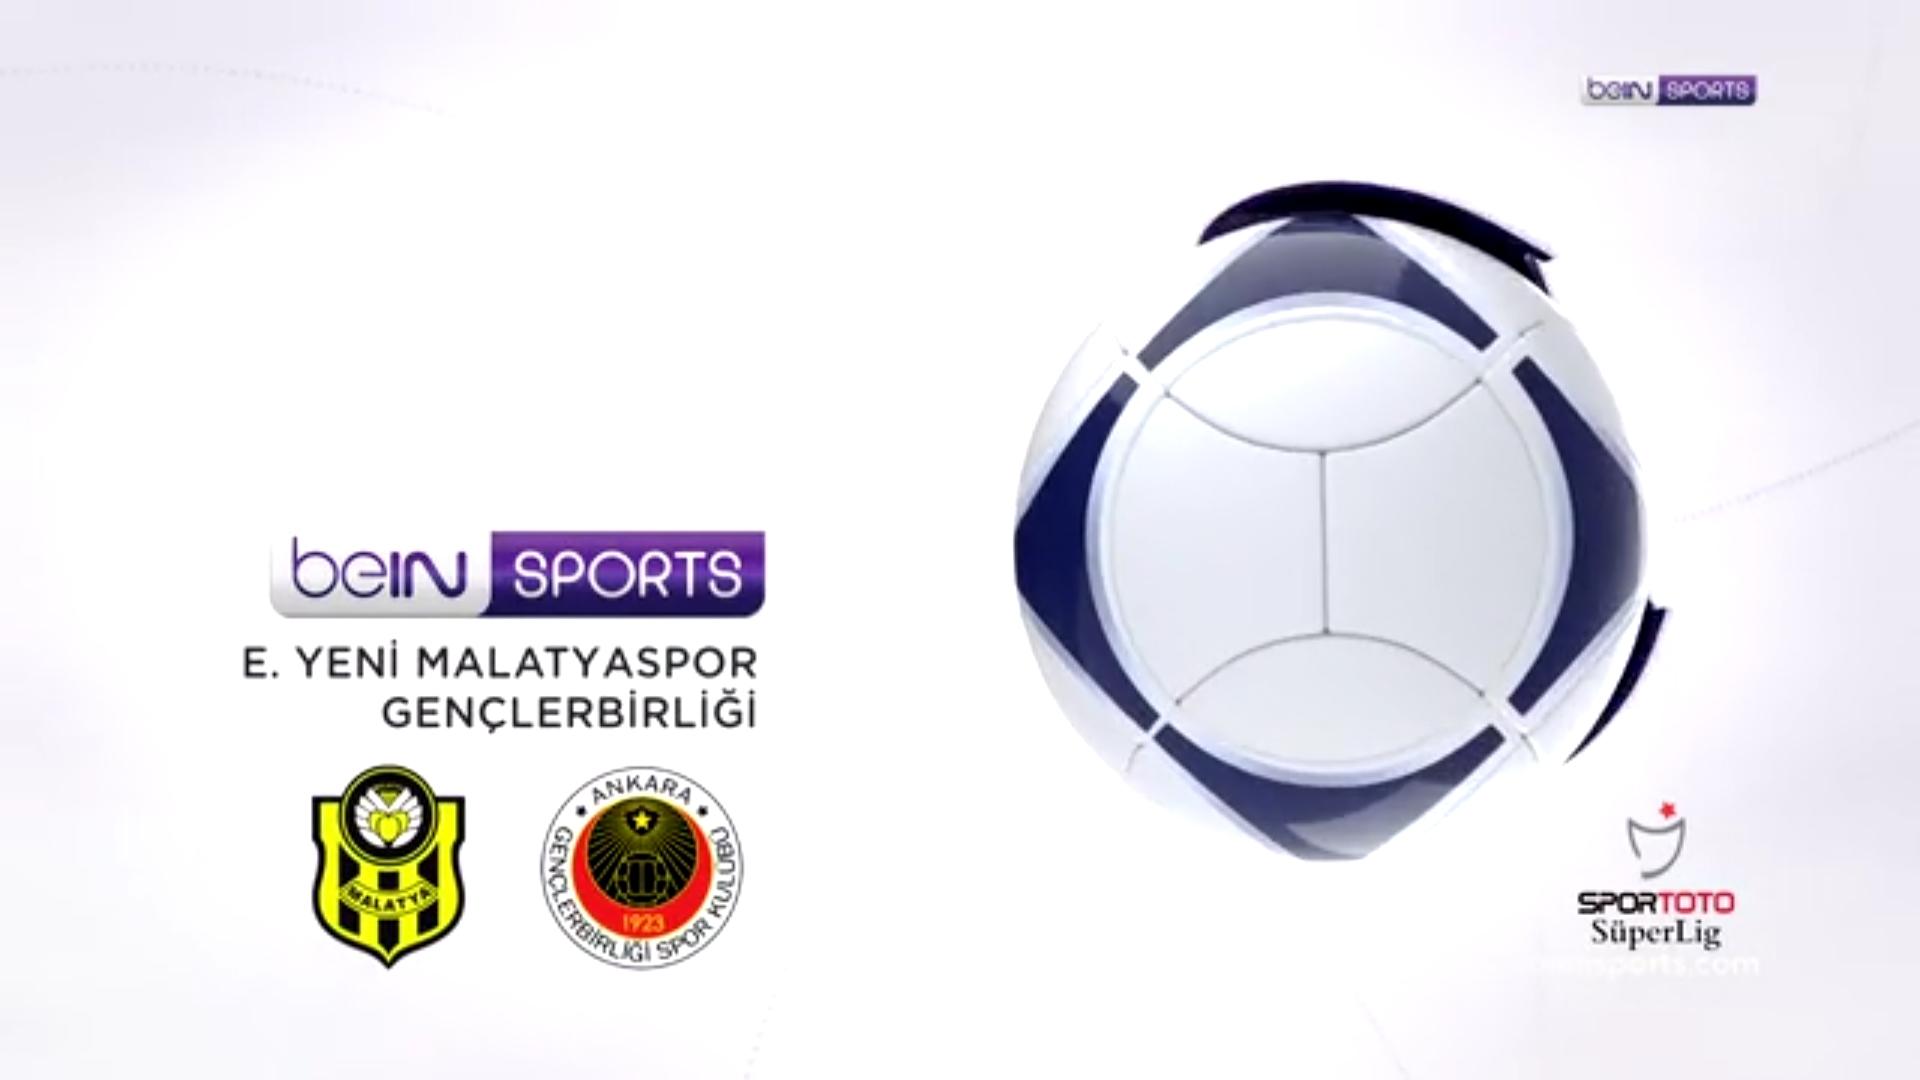 31-03-2018 - Yeni Malatyaspor 4-1 Genclerbirligi